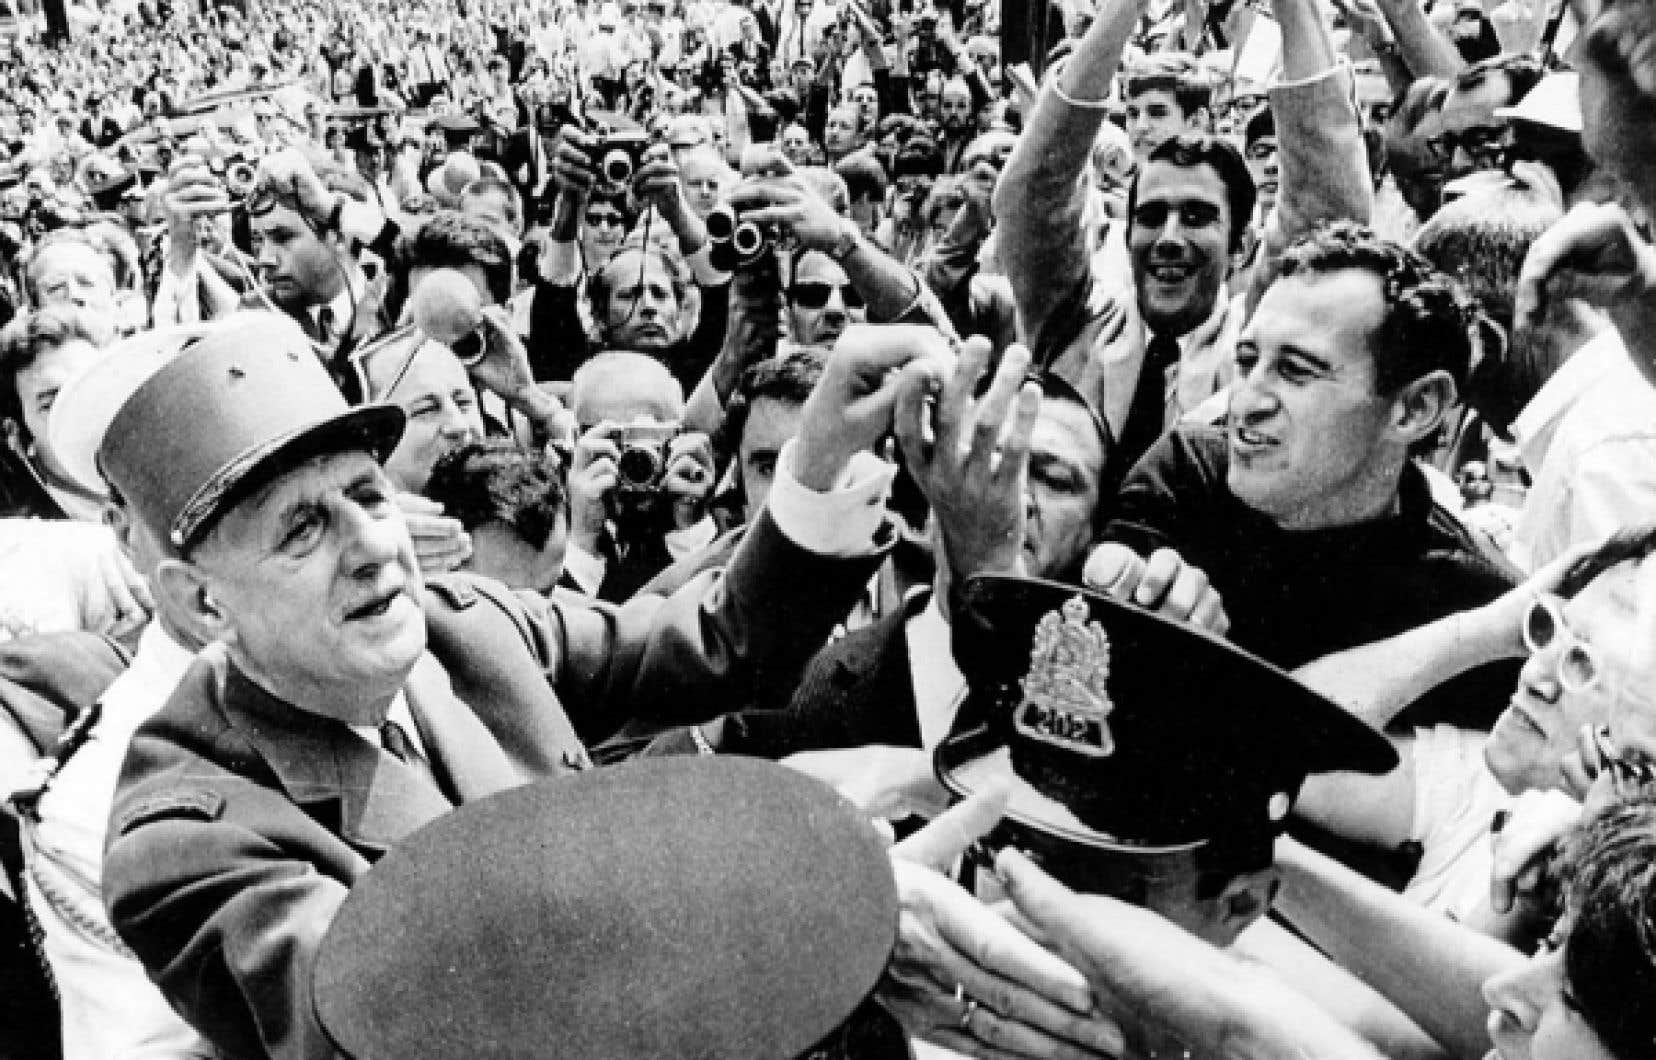 Pour Jean-Marc Léger, c'est la visite du général de Gaulle en 1967 qui a tout déclenché. D'ailleurs, celle-ci provoquera son départ du Devoir.